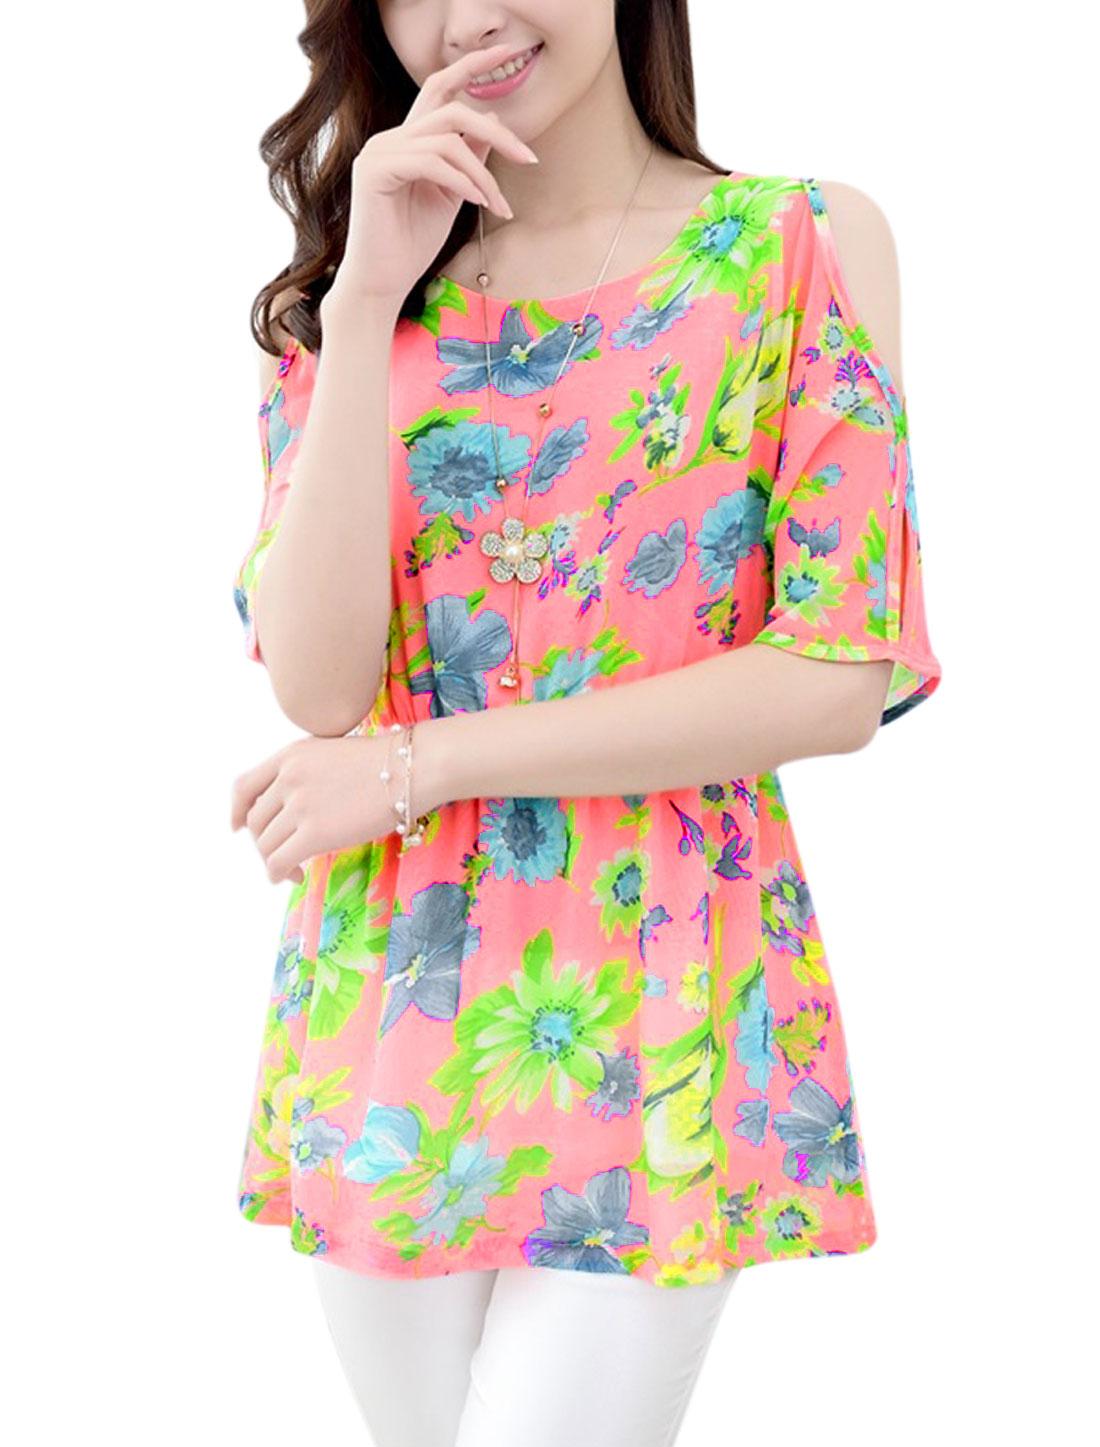 Women Floral Prints Cut Out Shoulder Tunic Top Fluorescent Pink M